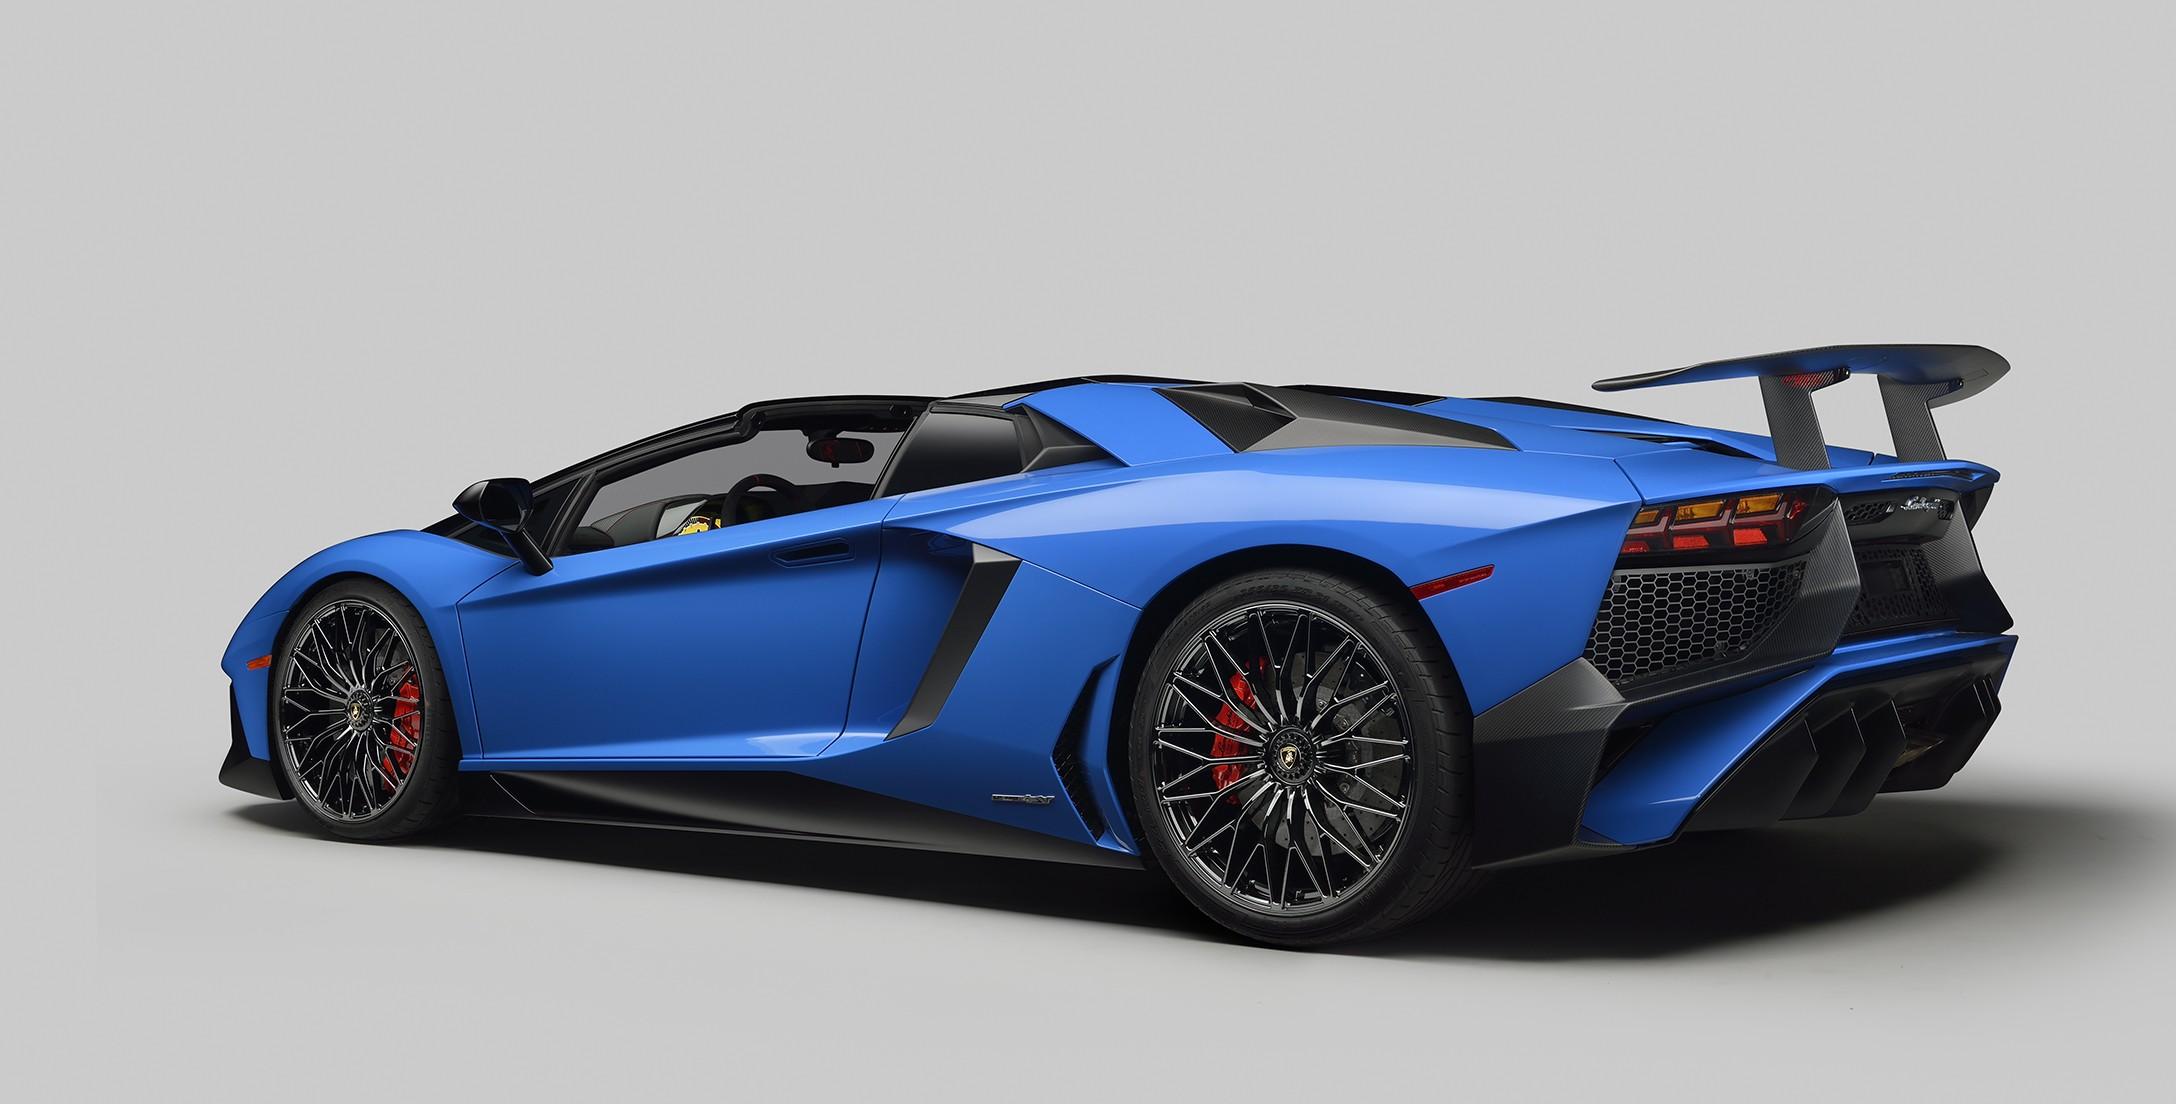 2017 Lamborghini Aventador Coupe >> LAMBORGHINI Aventador LP750-4 SV Roadster - 2015, 2016, 2017 - autoevolution